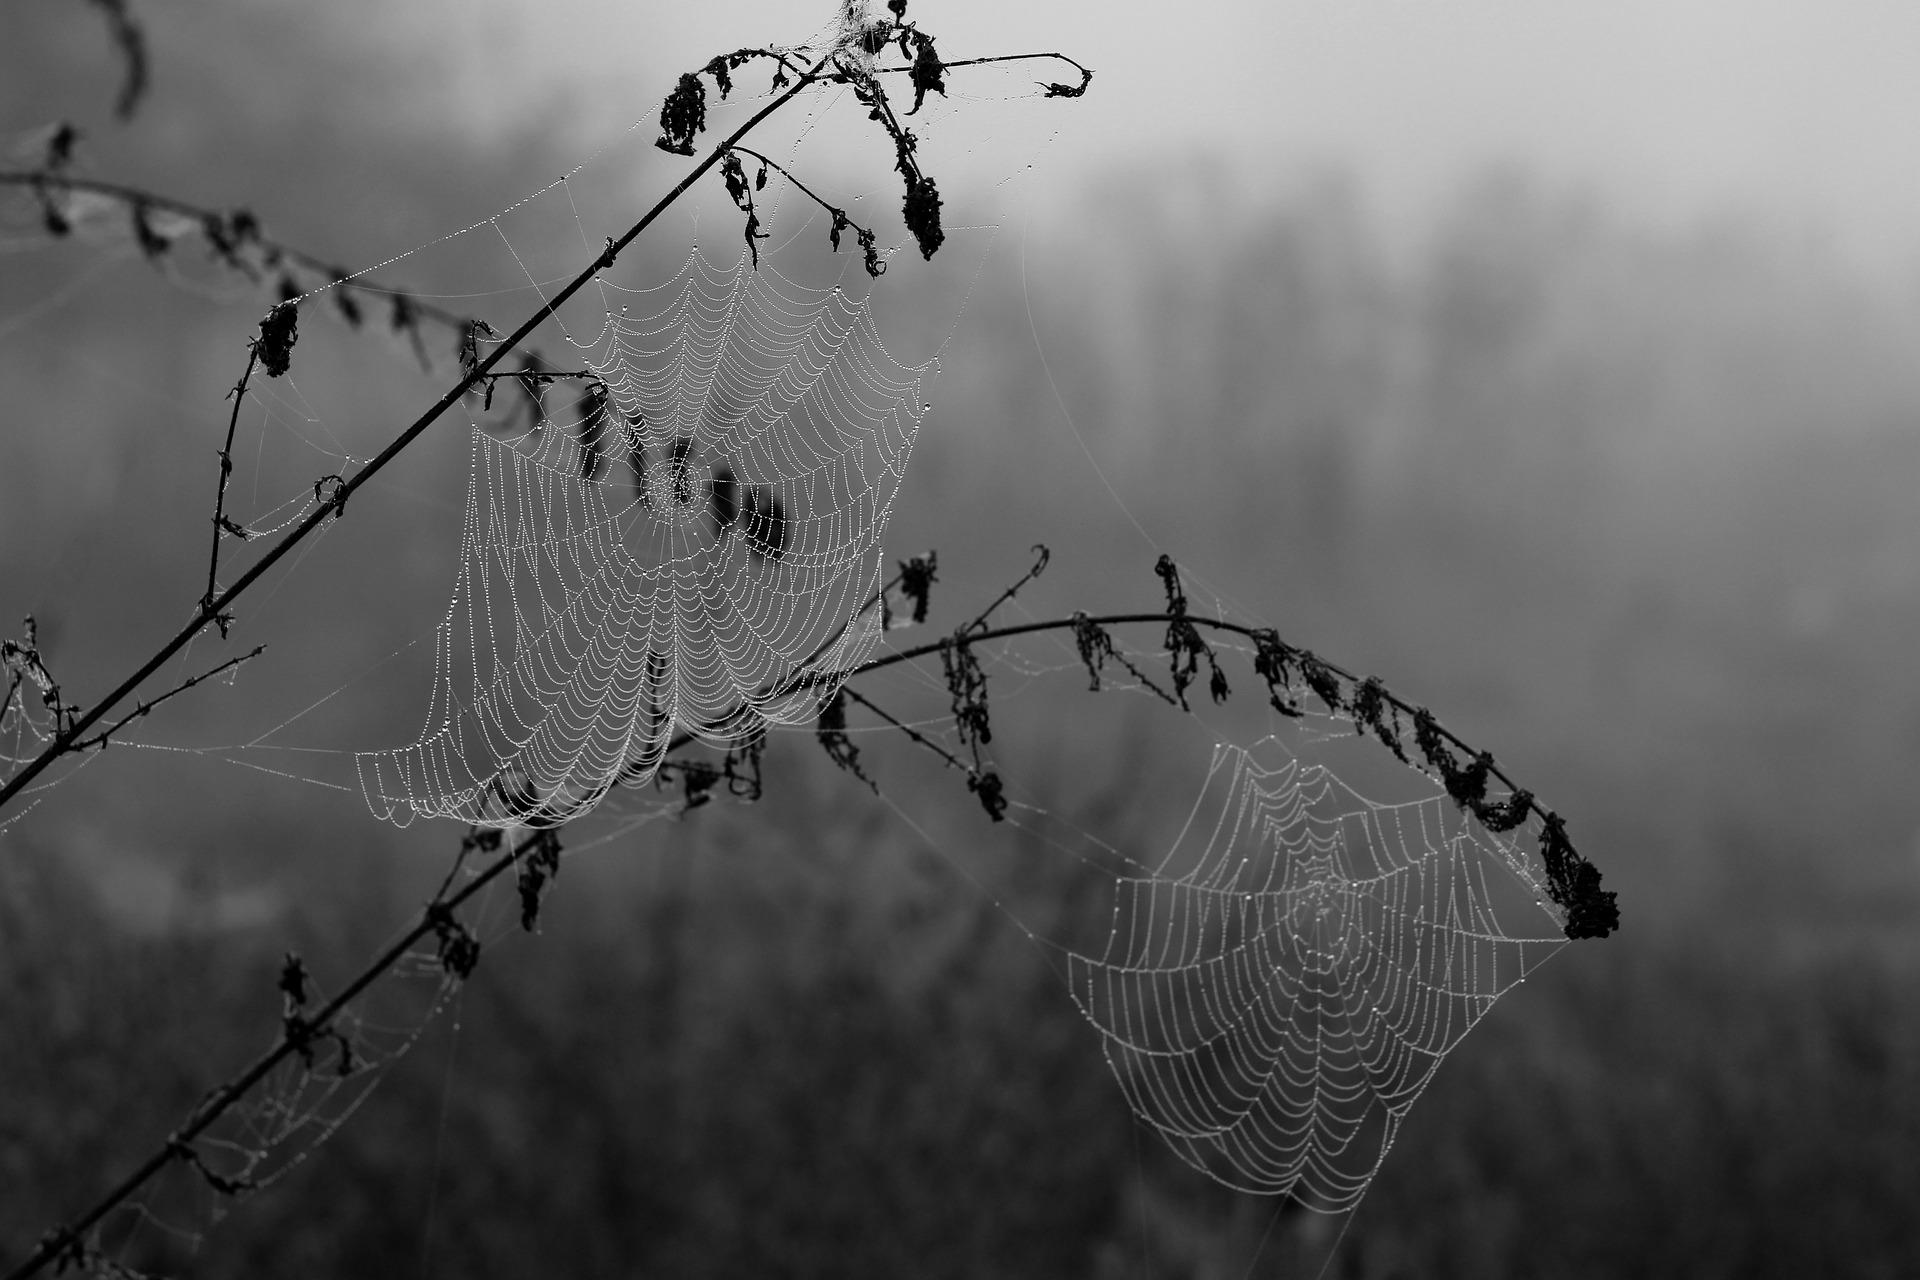 spider-web-1729194_1920.jpg